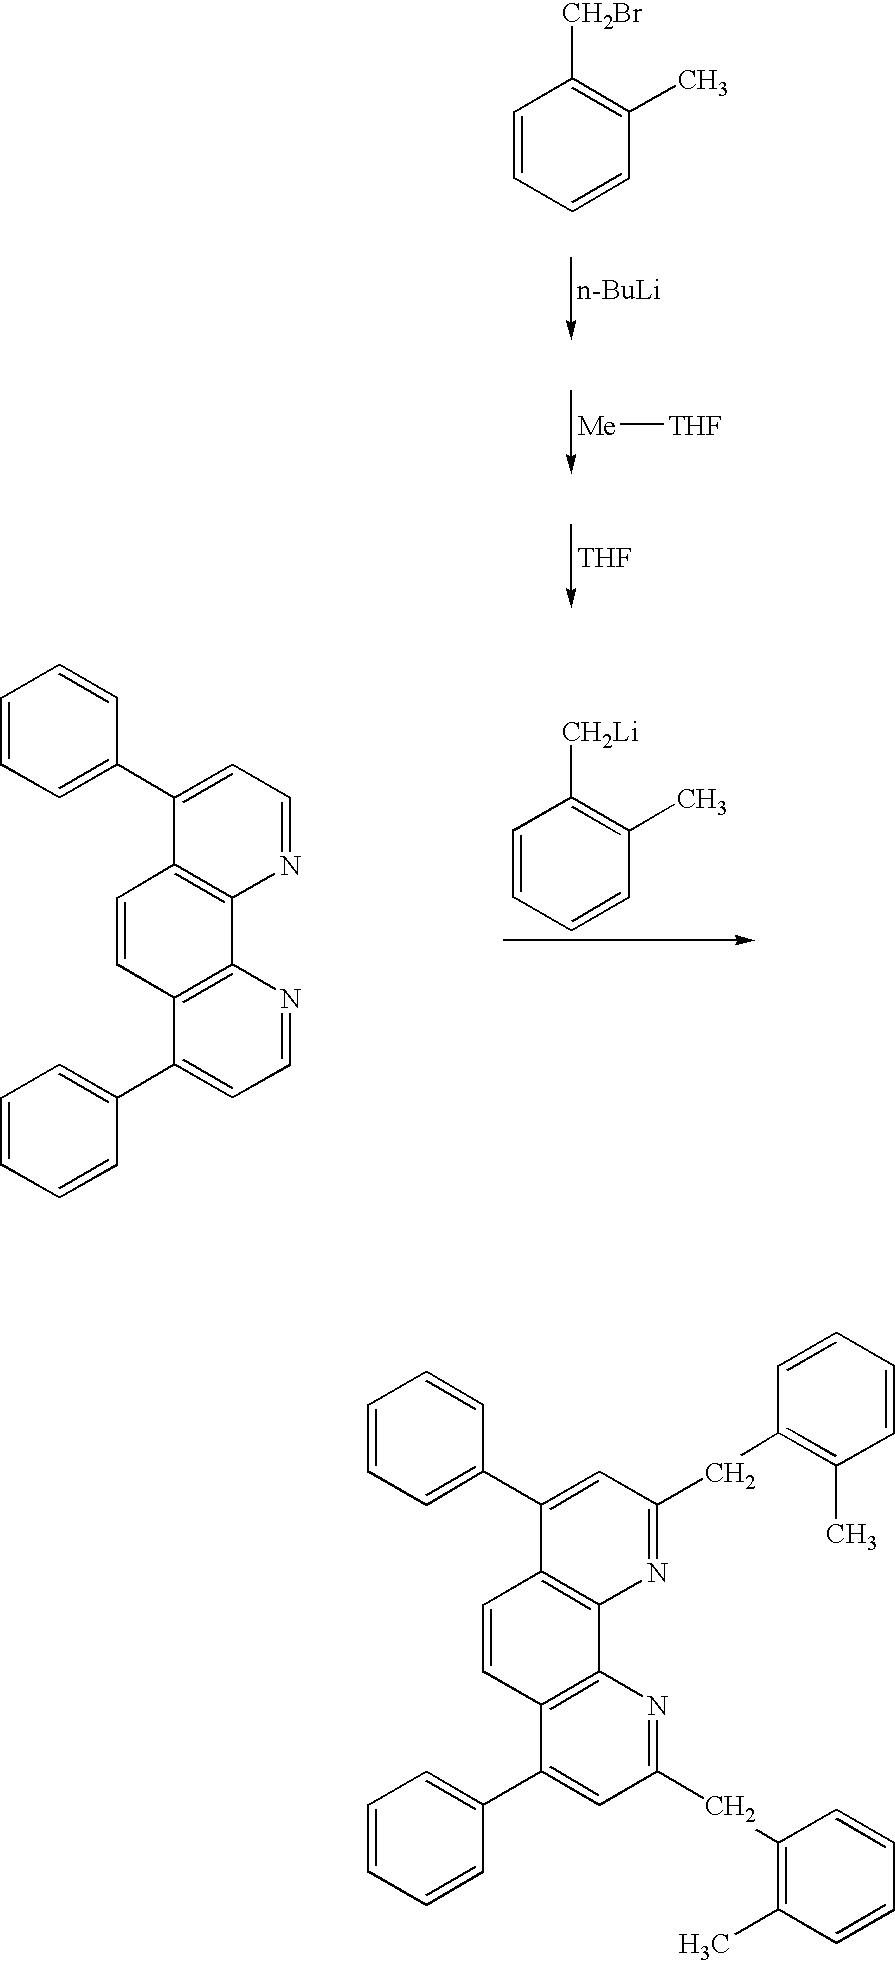 Figure US20050073641A1-20050407-C00066